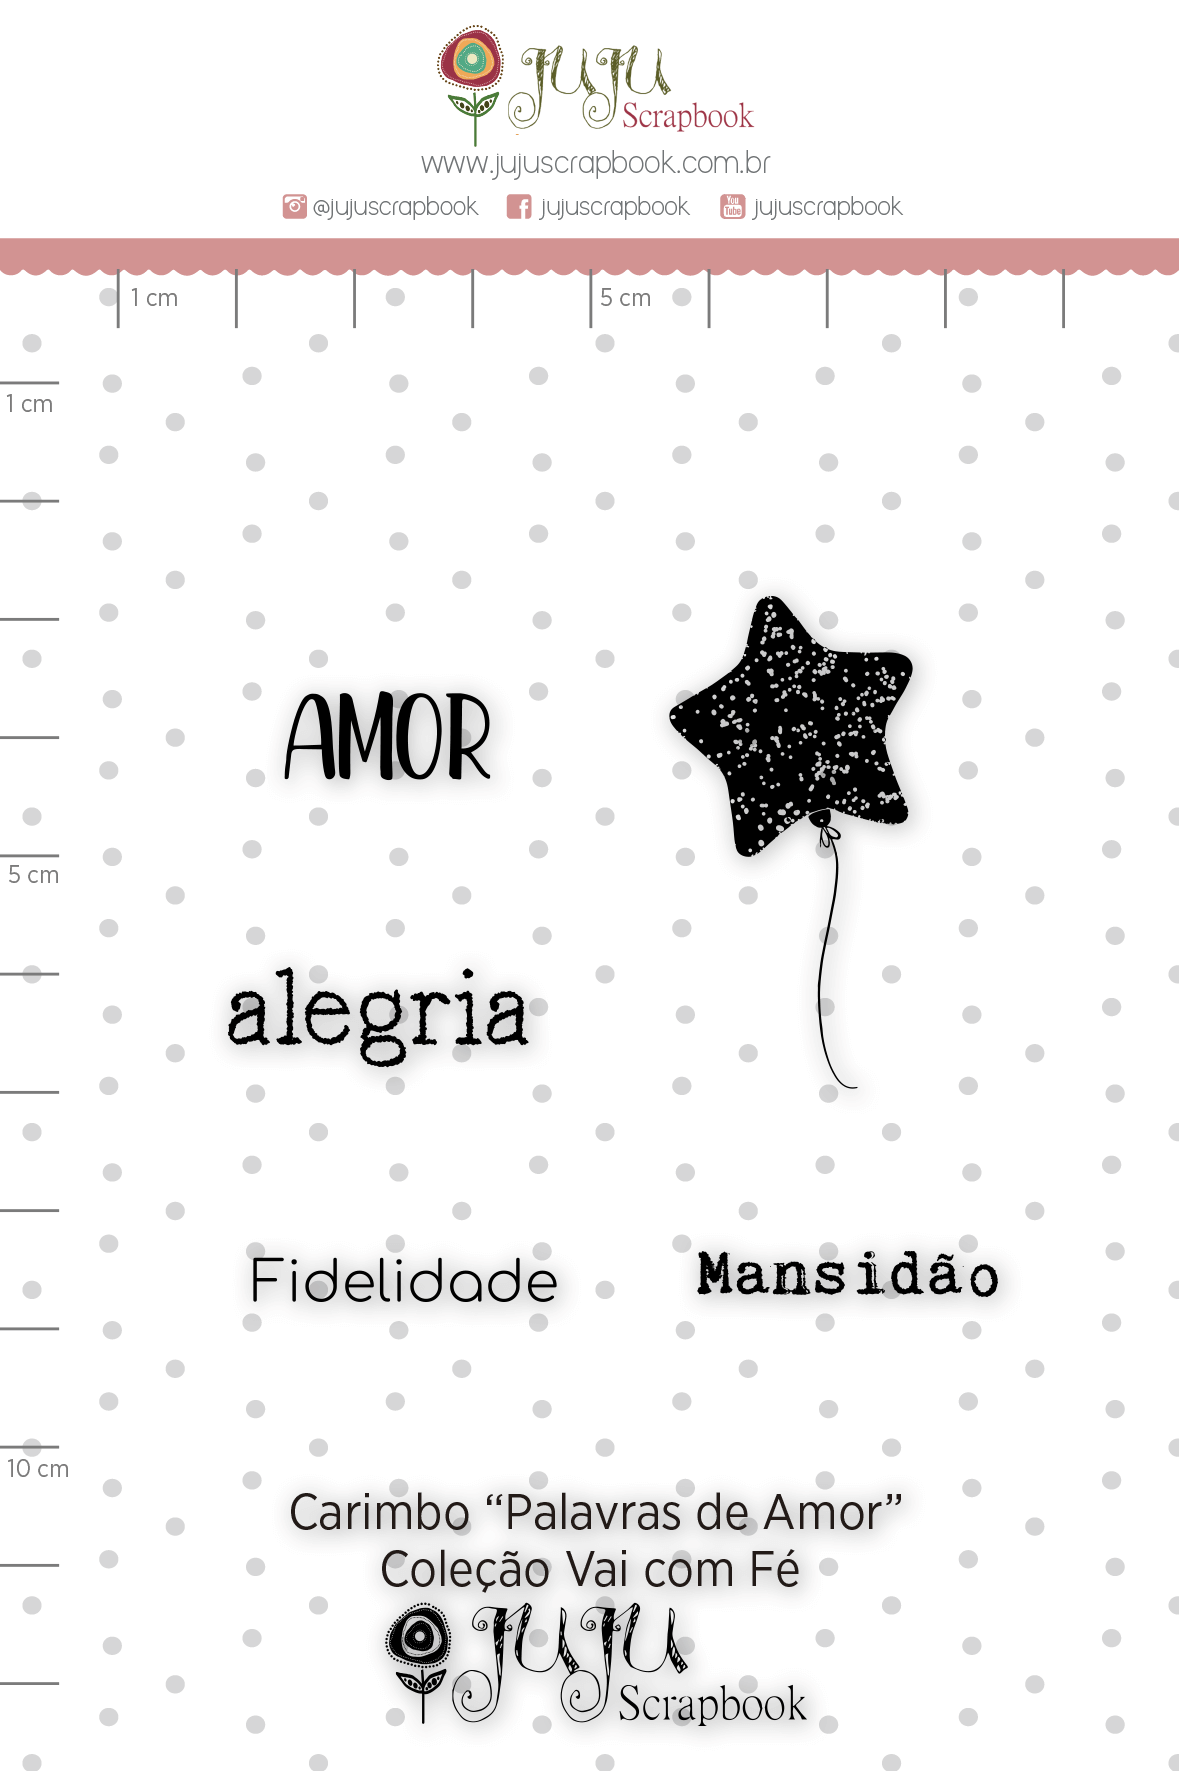 Carimbo M Palavras de Amor - Coleção Vai com Fé - JuJu Scrapbook  - JuJu Scrapbook